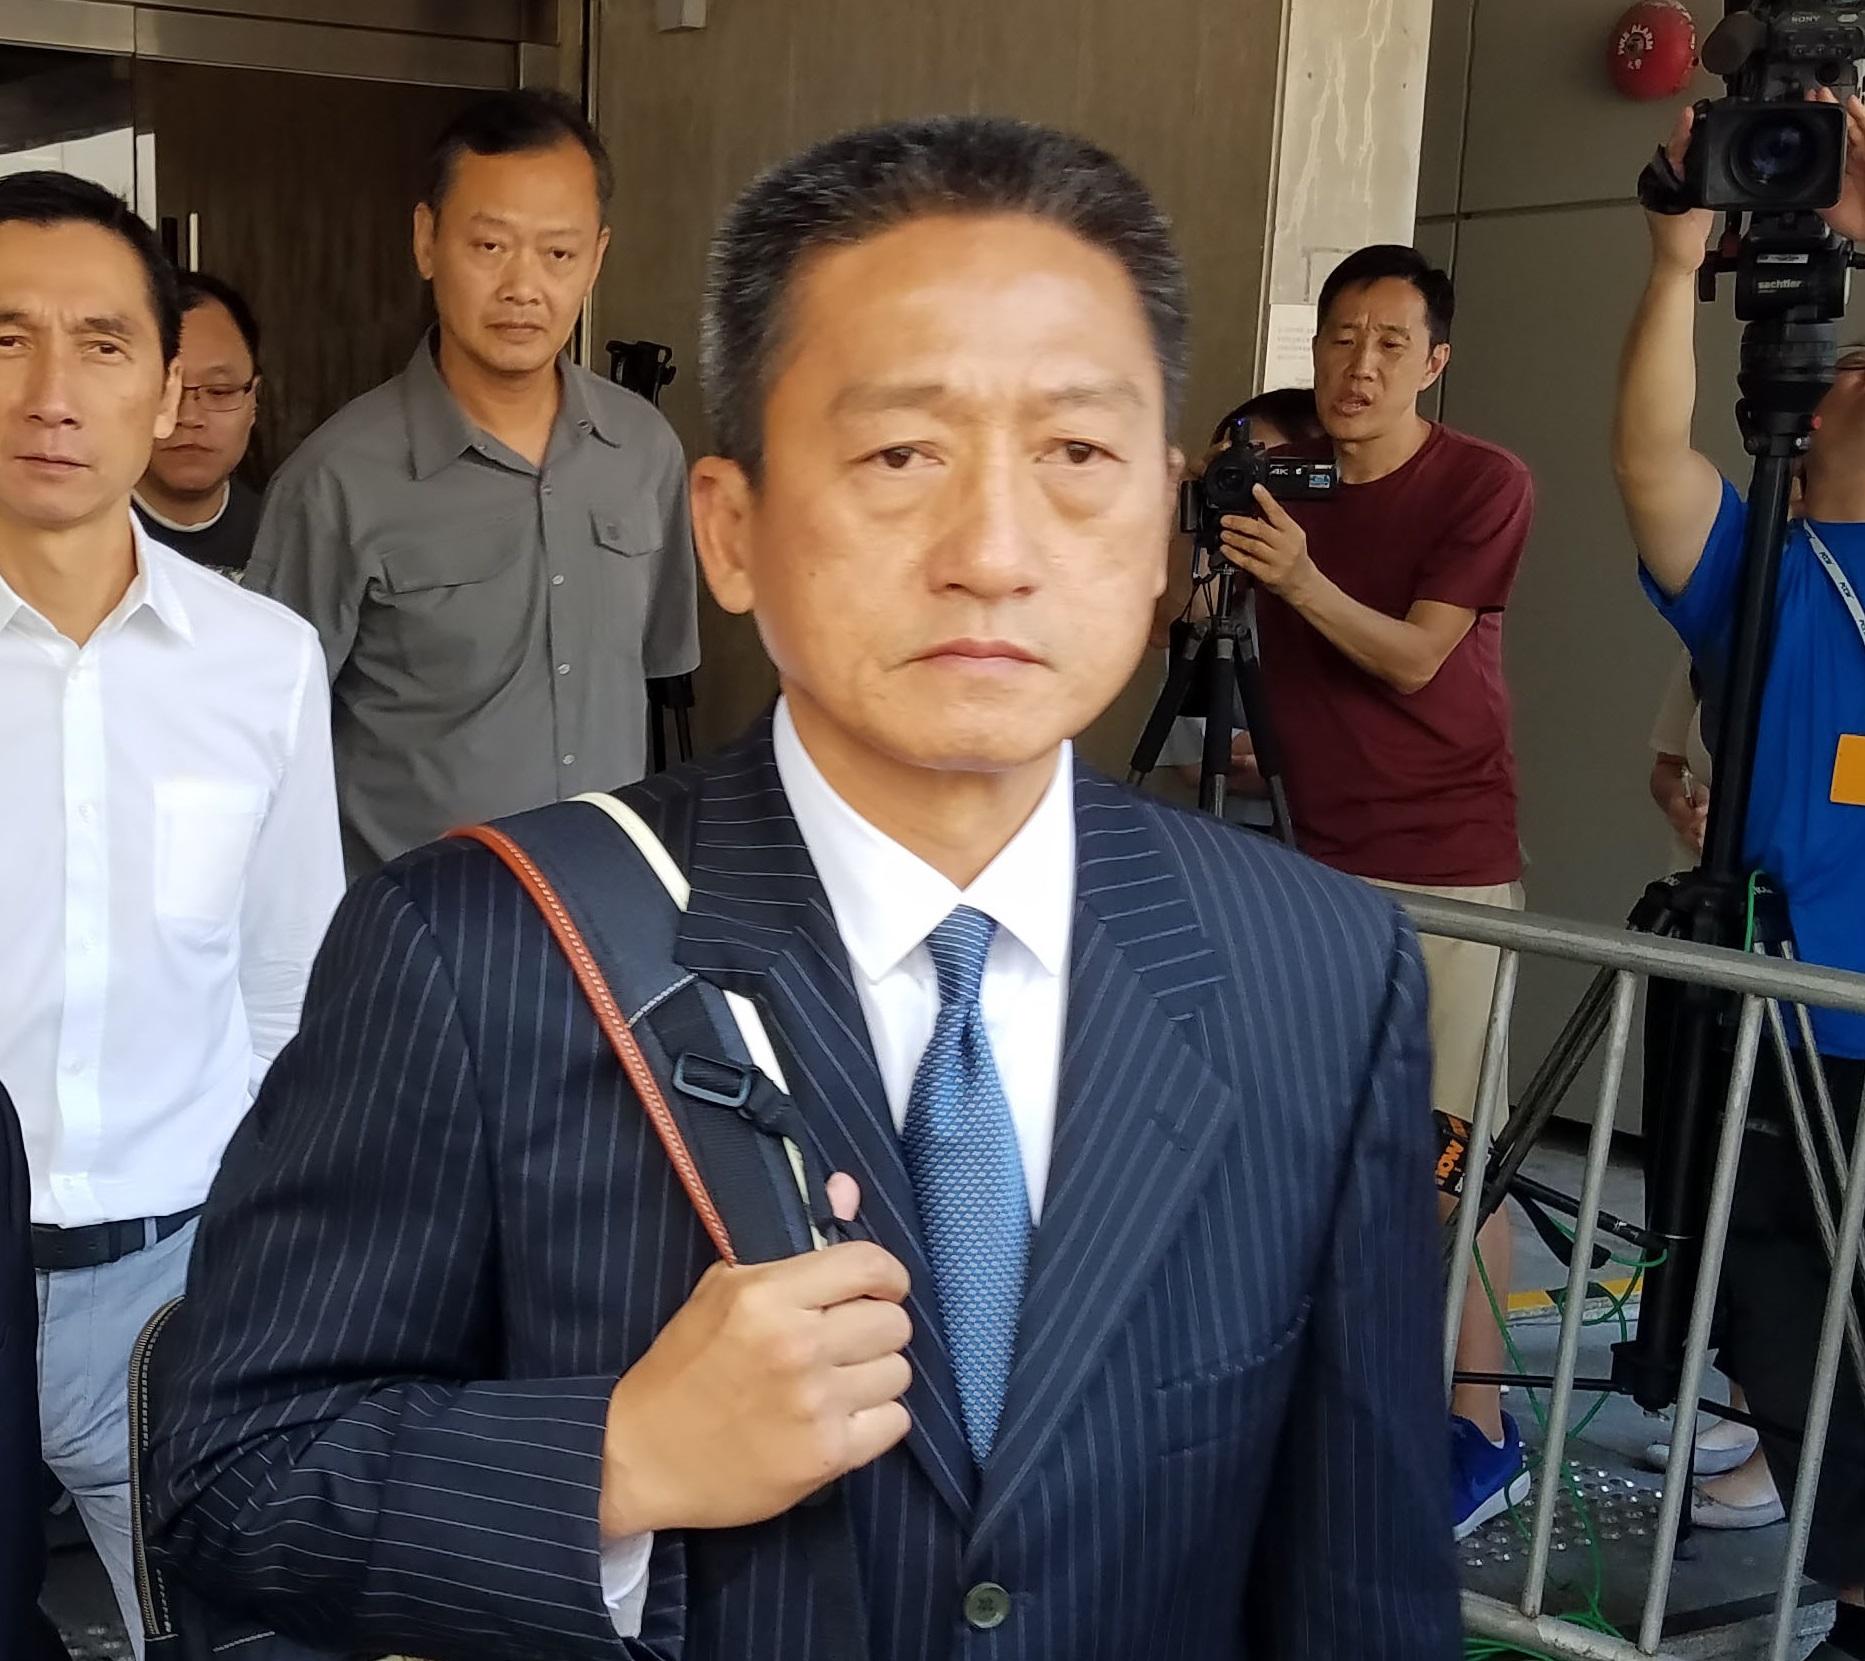 朱經緯終院申上訴被拒。資料圖片